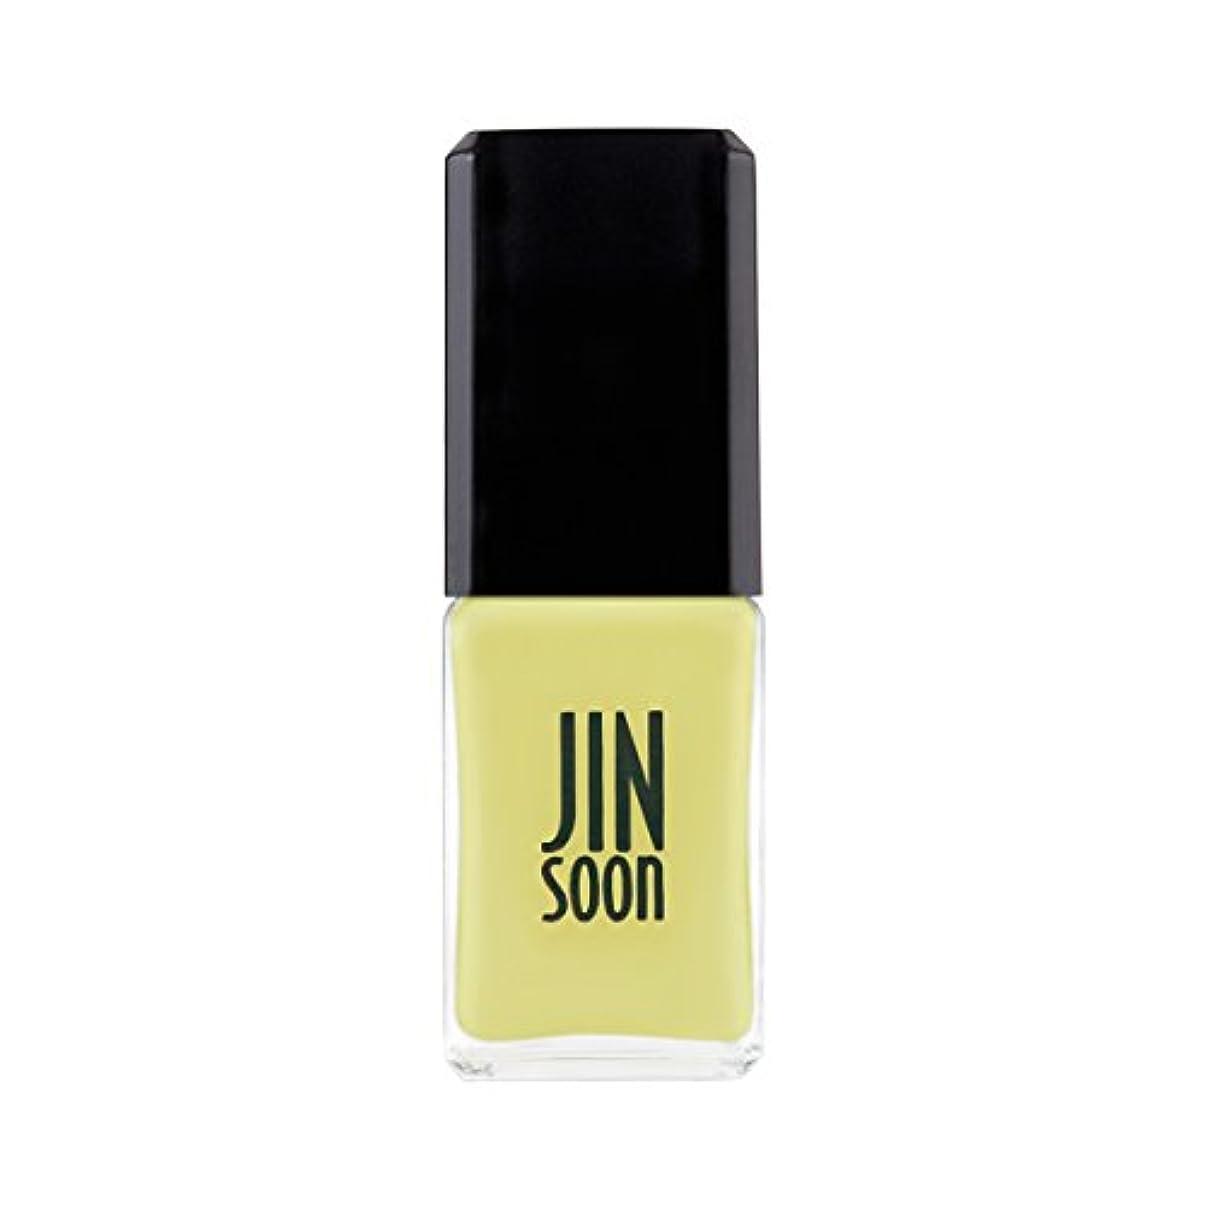 巨大出力代数[ジンスーン] [ jinsoon] シャルム Charme ジンスーンネイルポリッシュ 爪に優しい成分 11mL